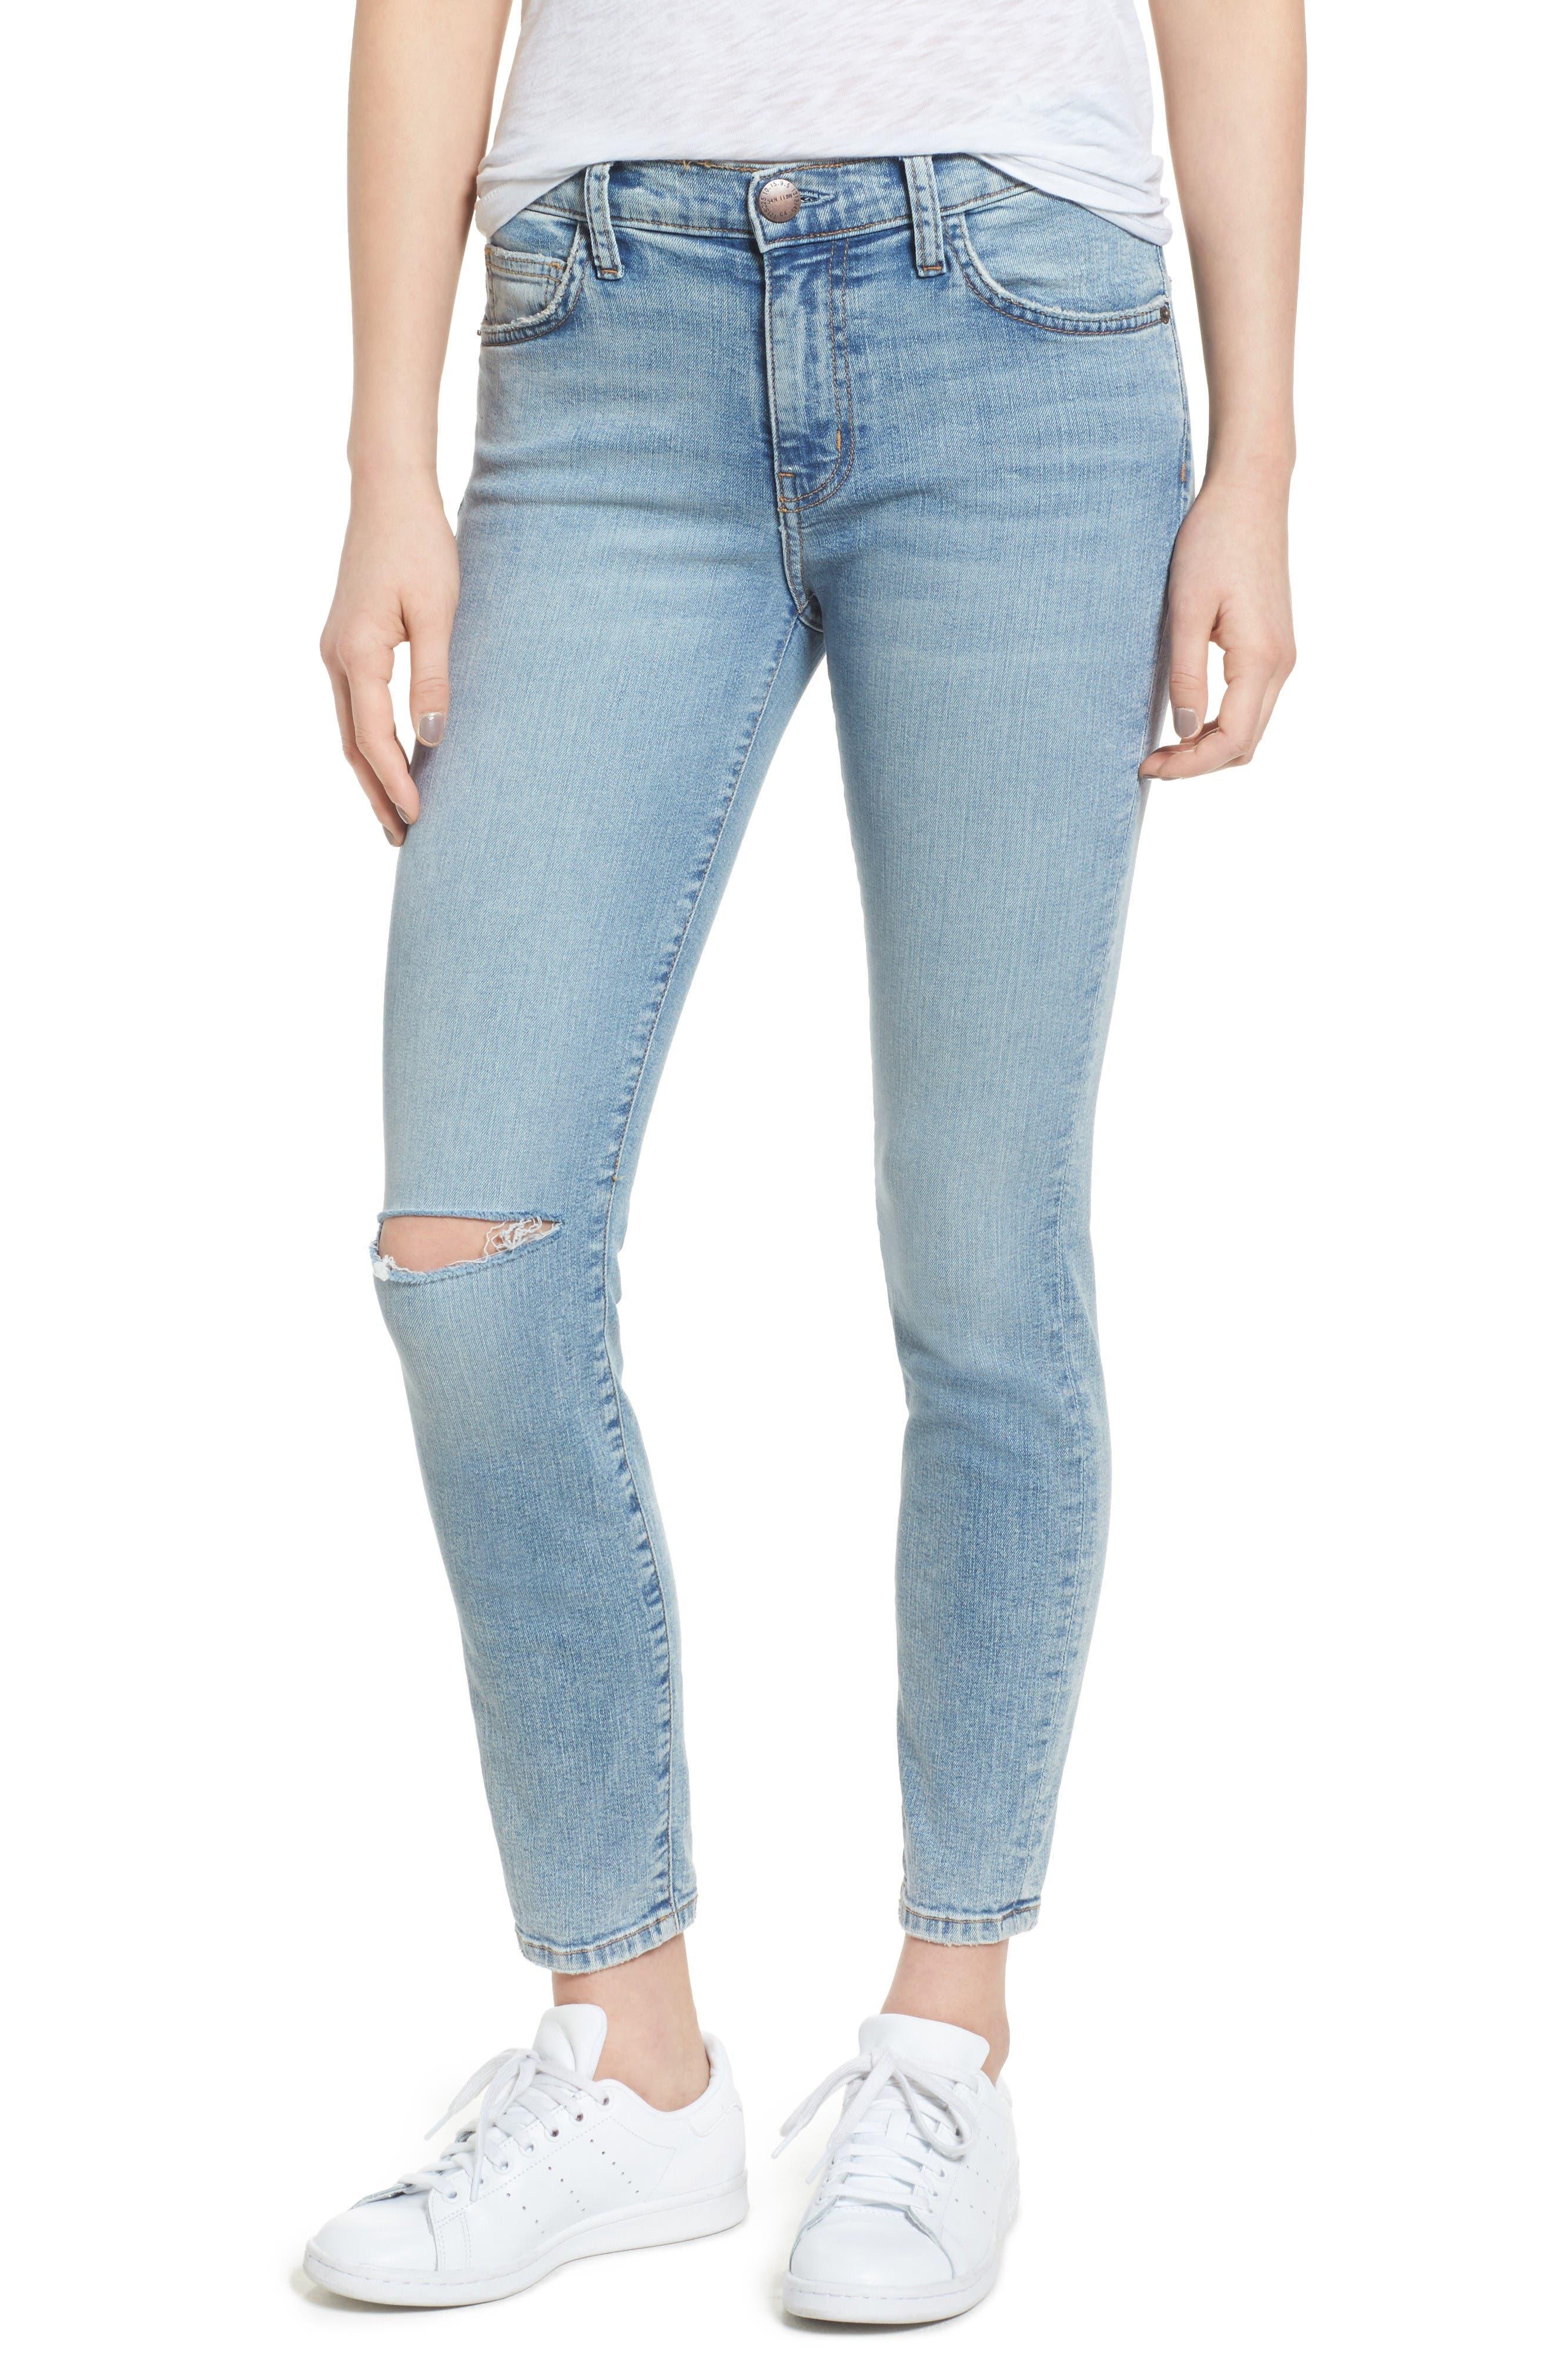 Current/Elliott The Stiletto High Waist Ankle Skinny Jeans (Seville Knee Slit Ripped)